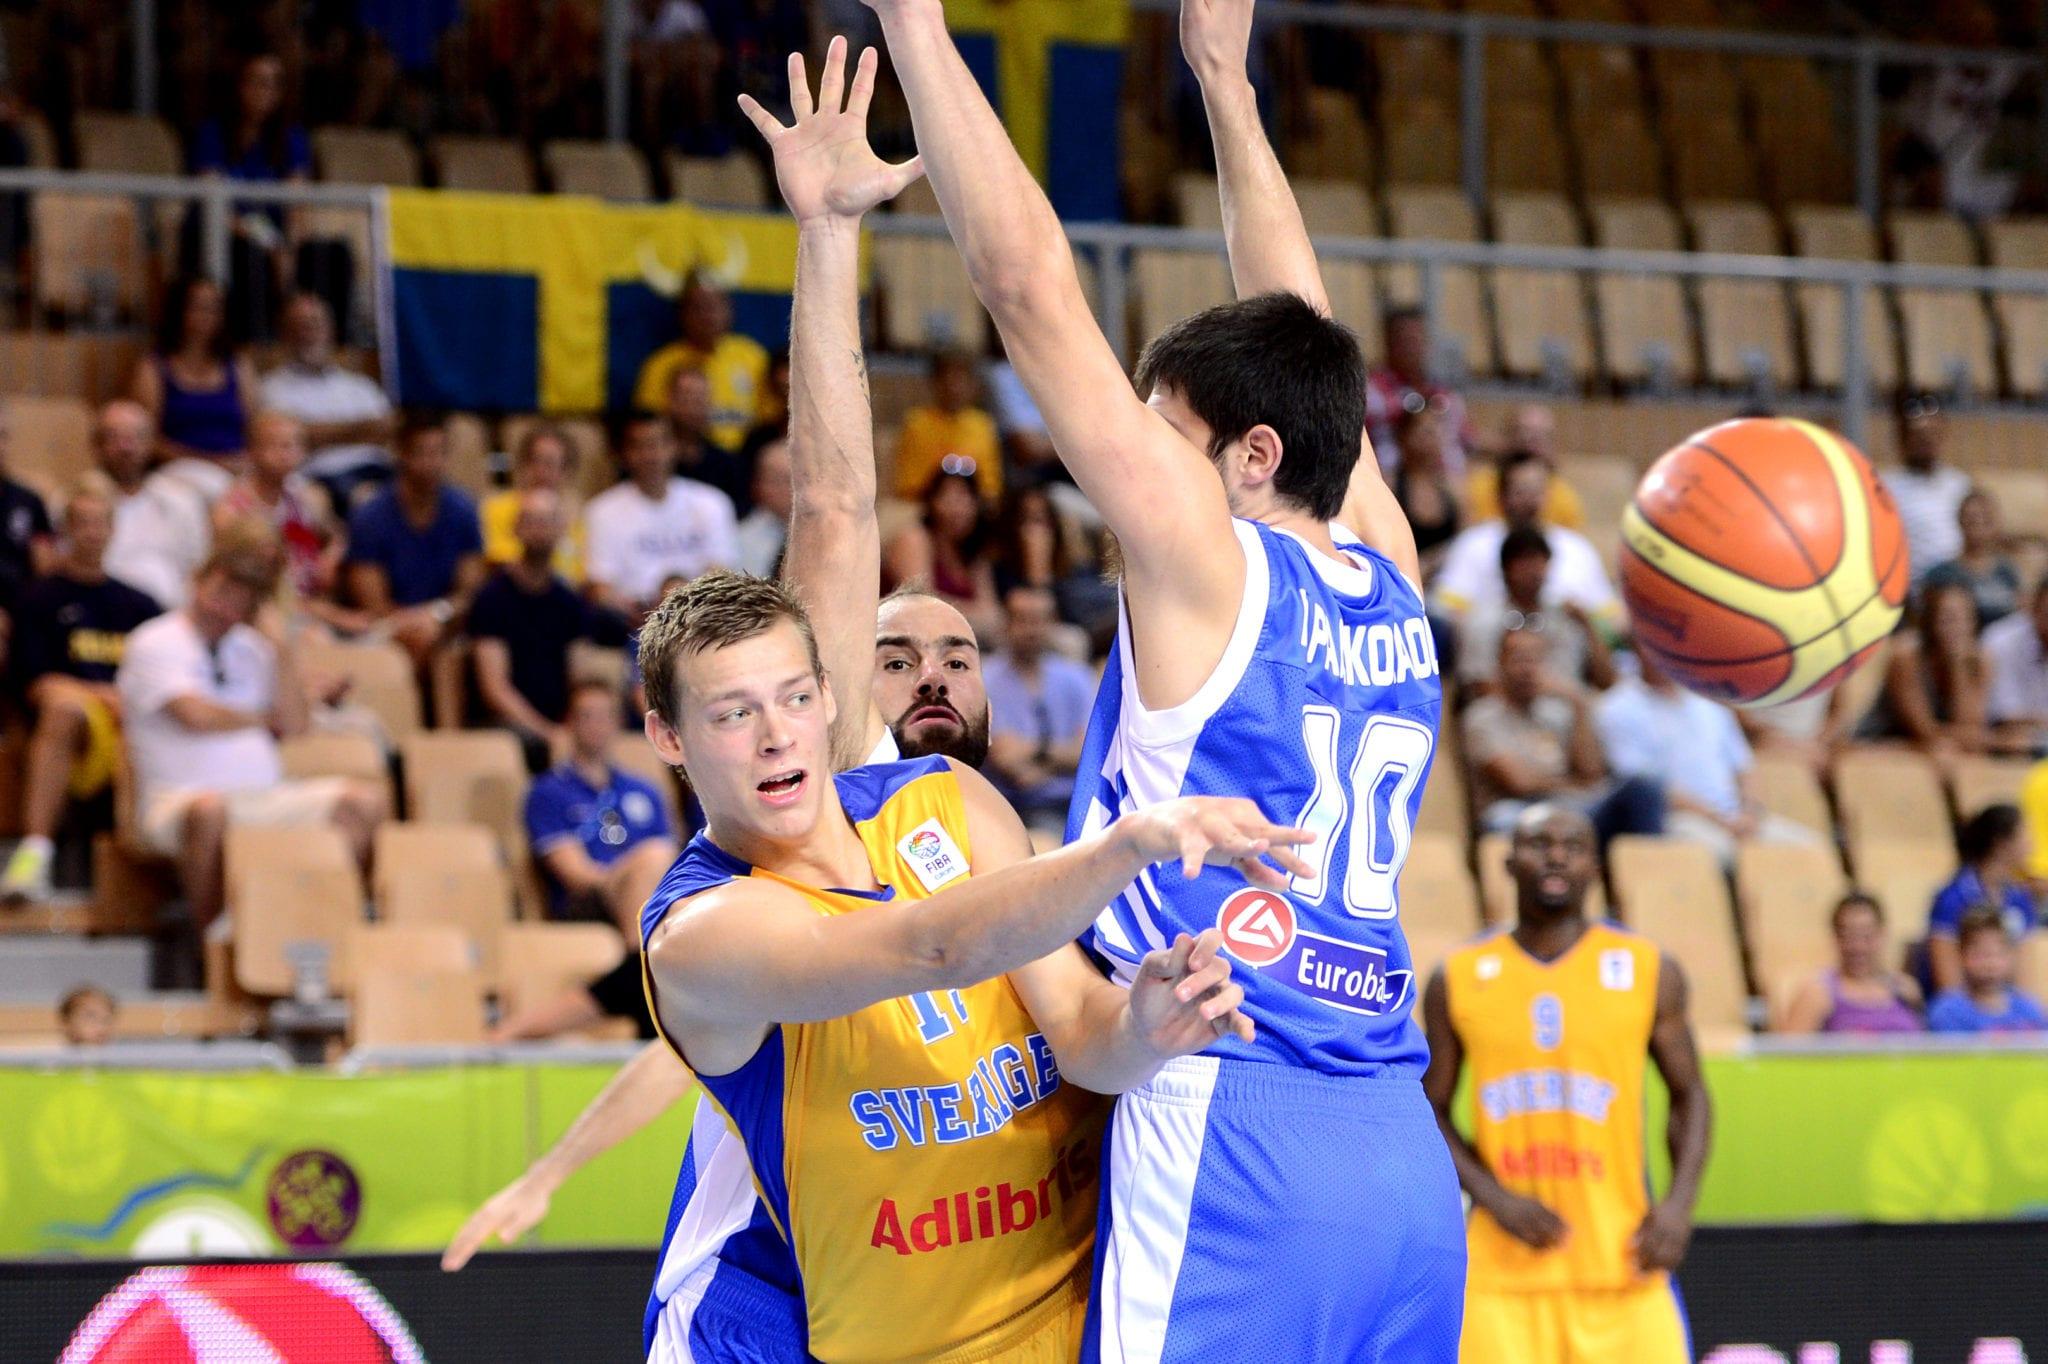 Basket, EM, Sverige - Grekland